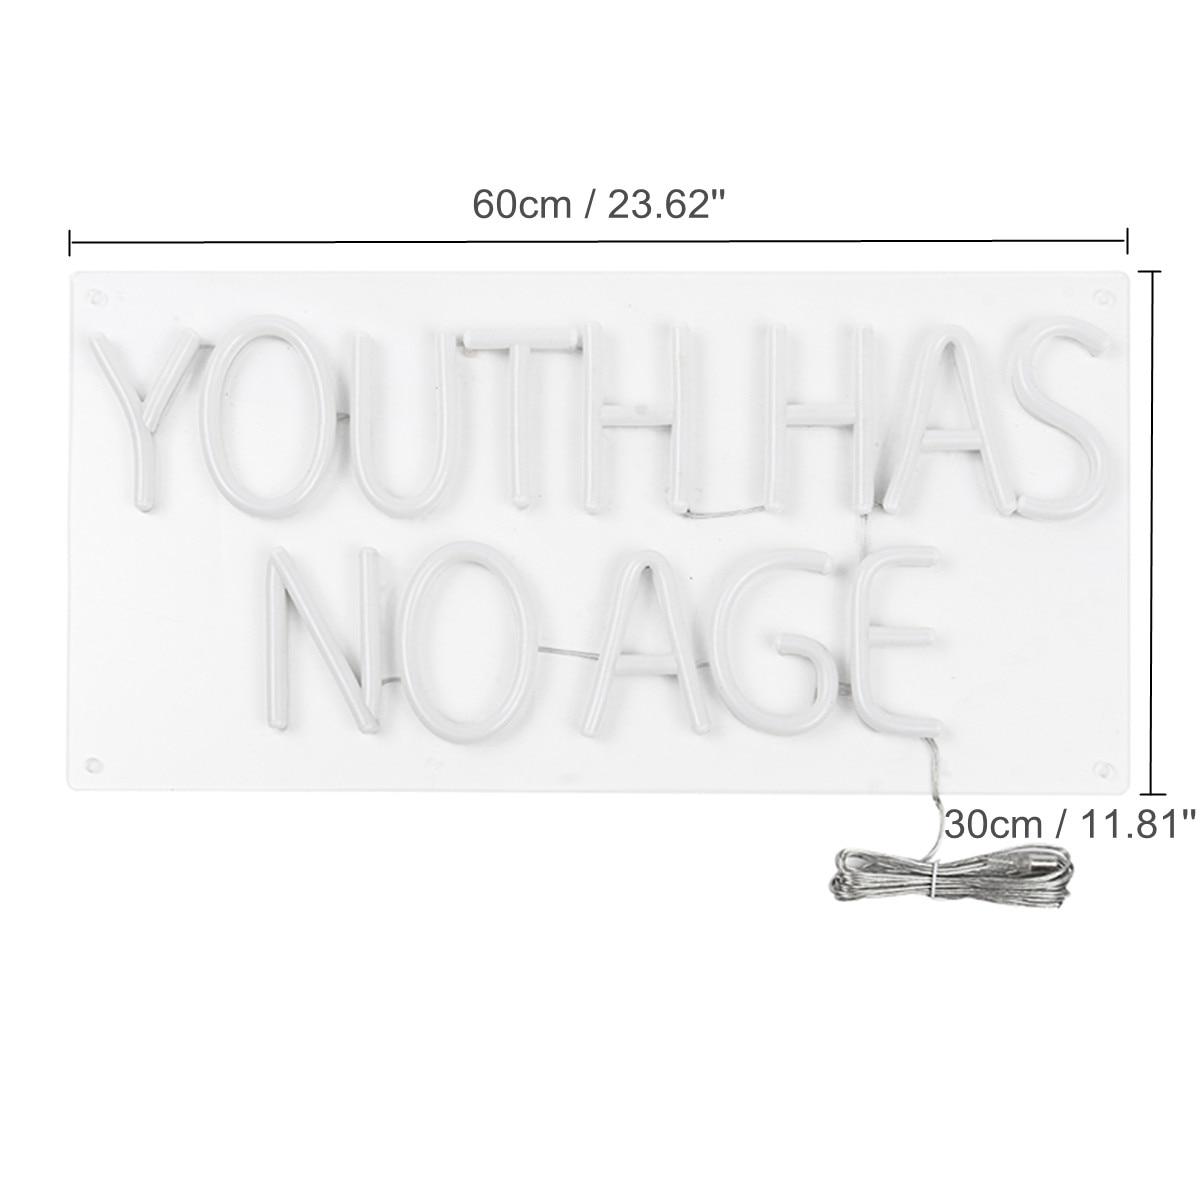 LED jeunesse n'a pas d'âge néon enseigne Tube lampe illustration visuelle Bar Pub Club mur décor lumière conseil maison bureau décoration cadeaux - 4